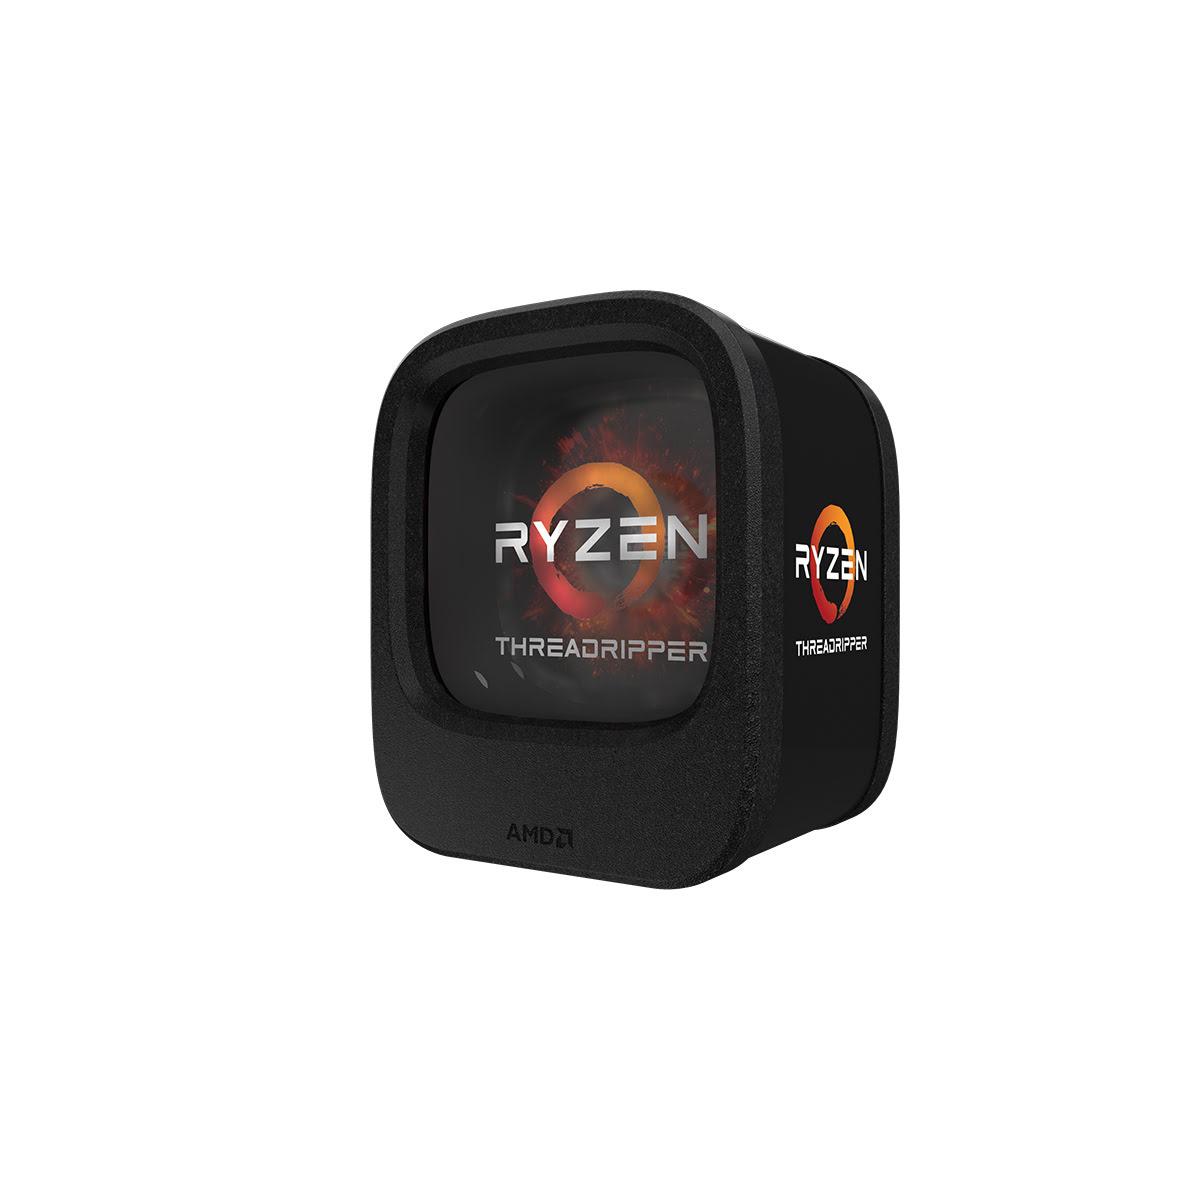 AMD Ryzen Threadripper 1920X - 4GHz - Processeur AMD - Cybertek.fr - 0